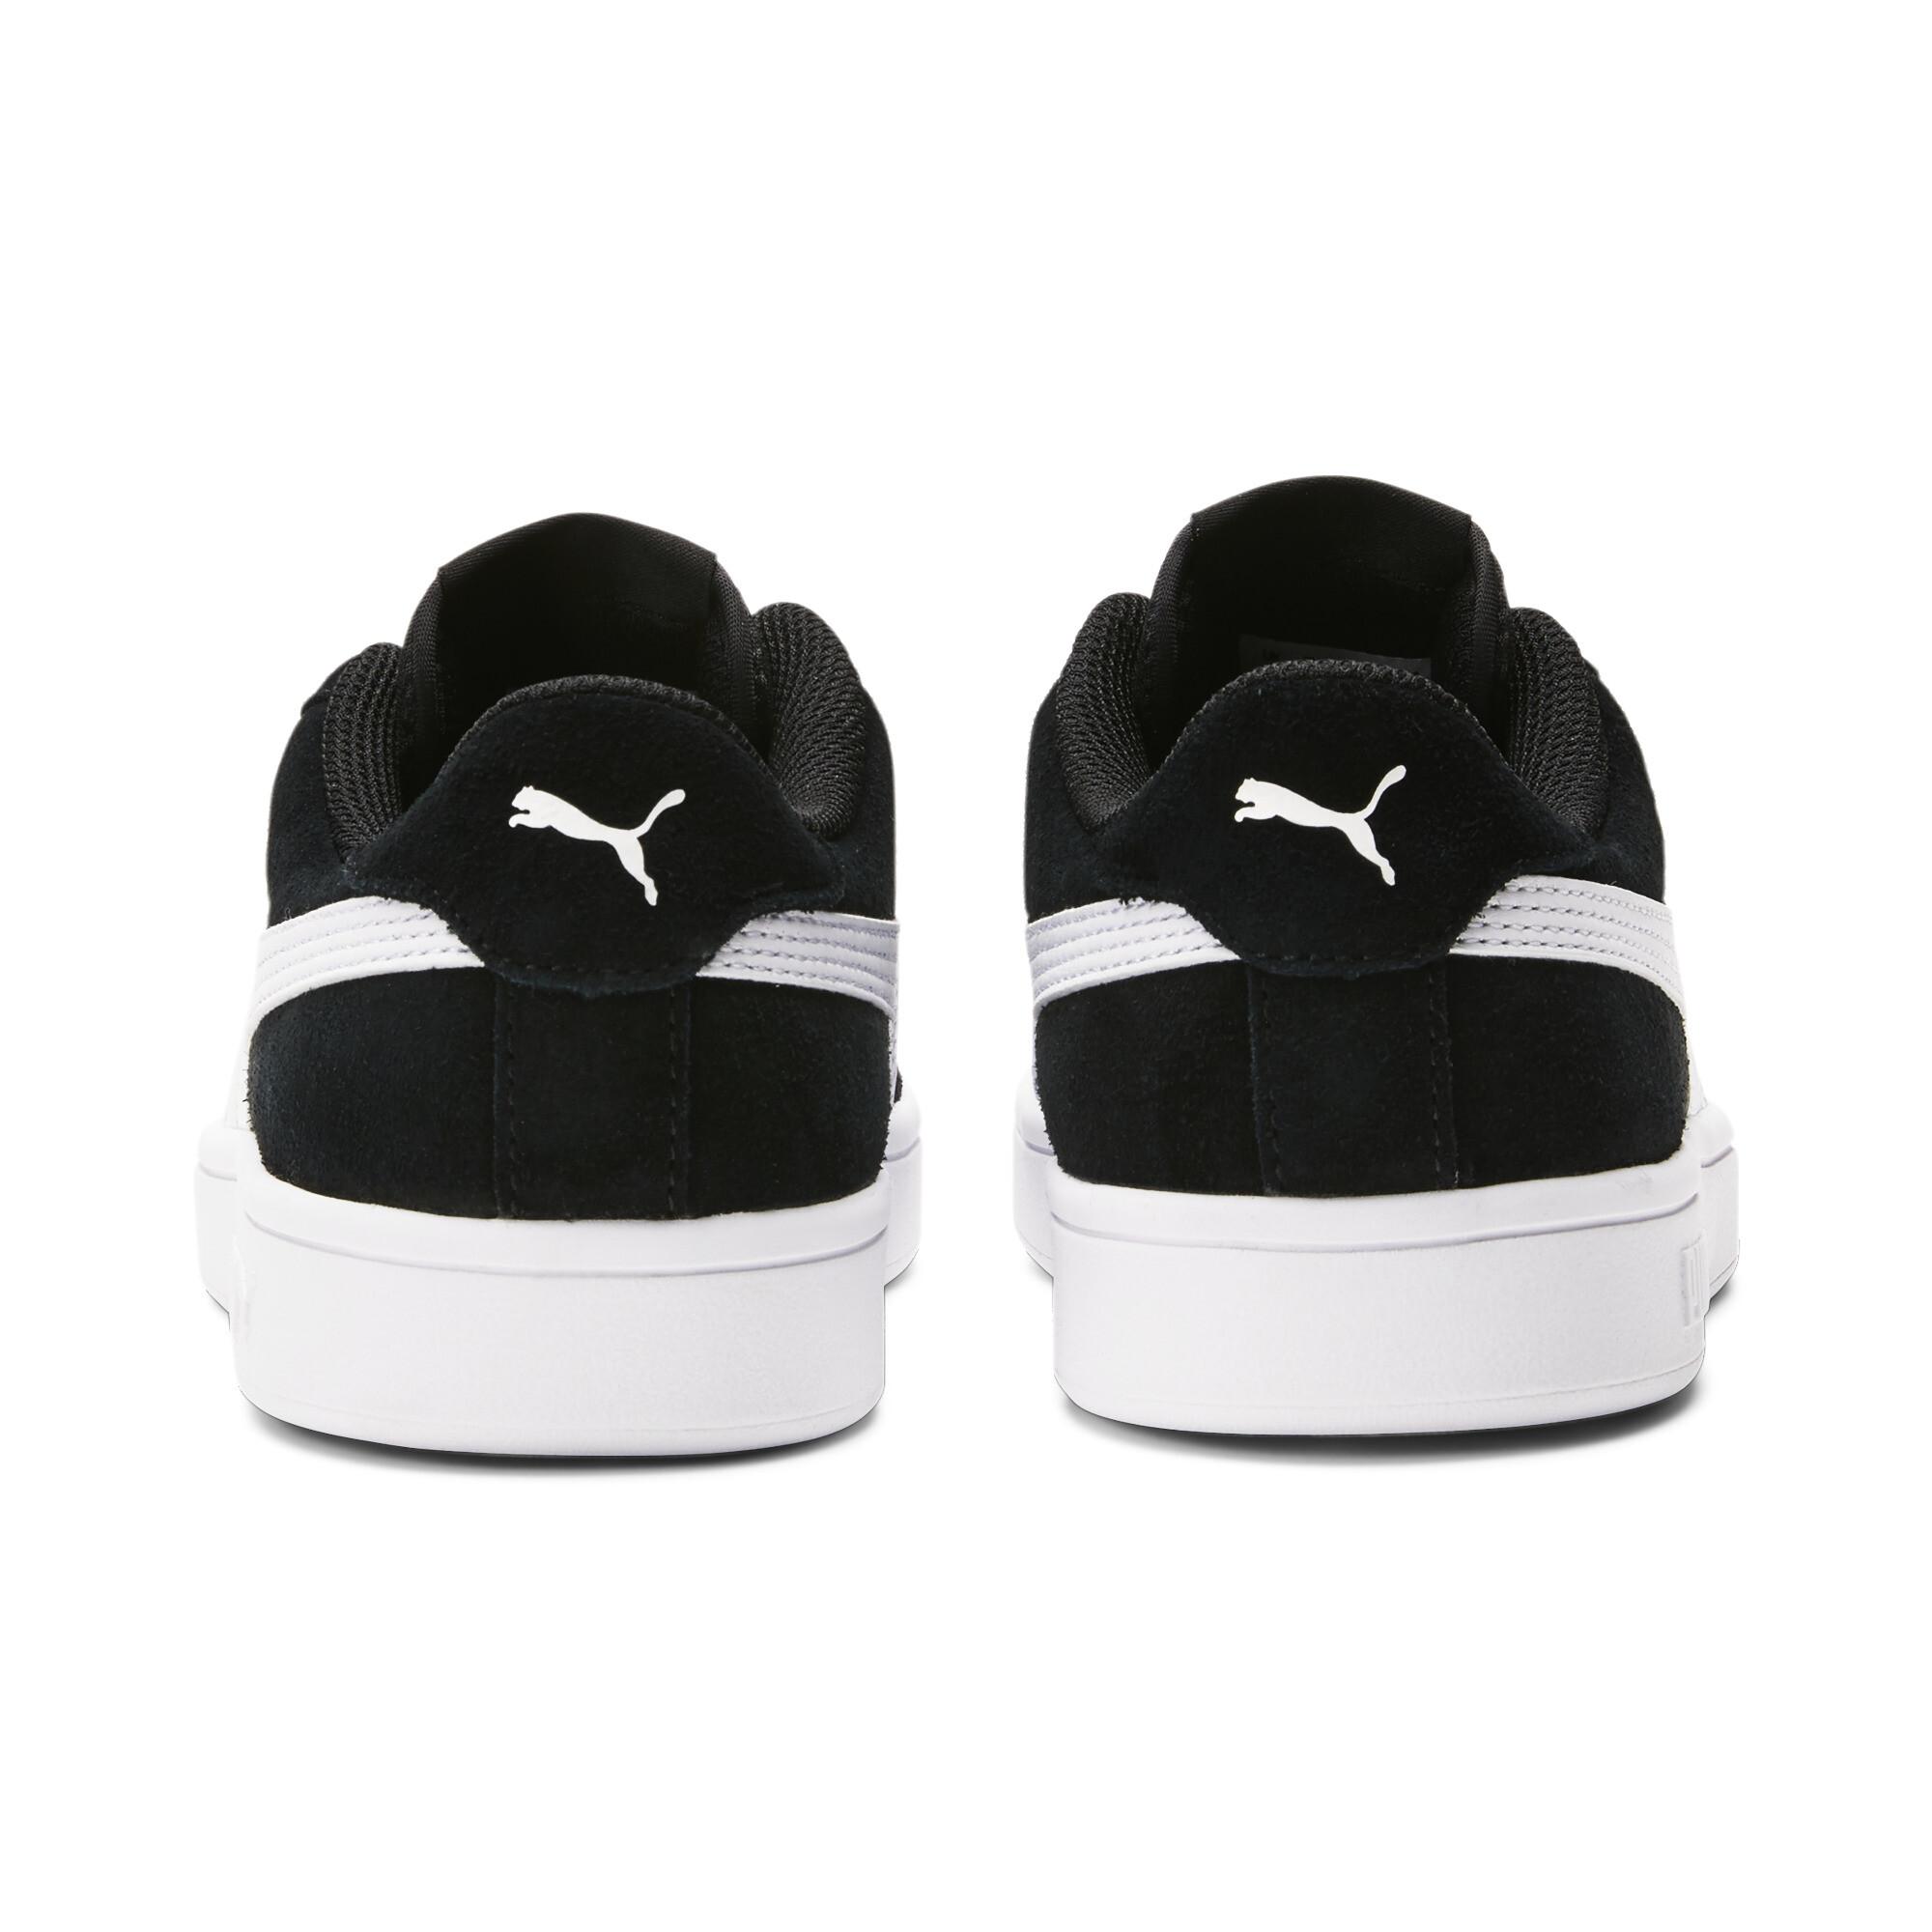 miniature 6 - Puma Junior Smash v2 Suede Sneakers